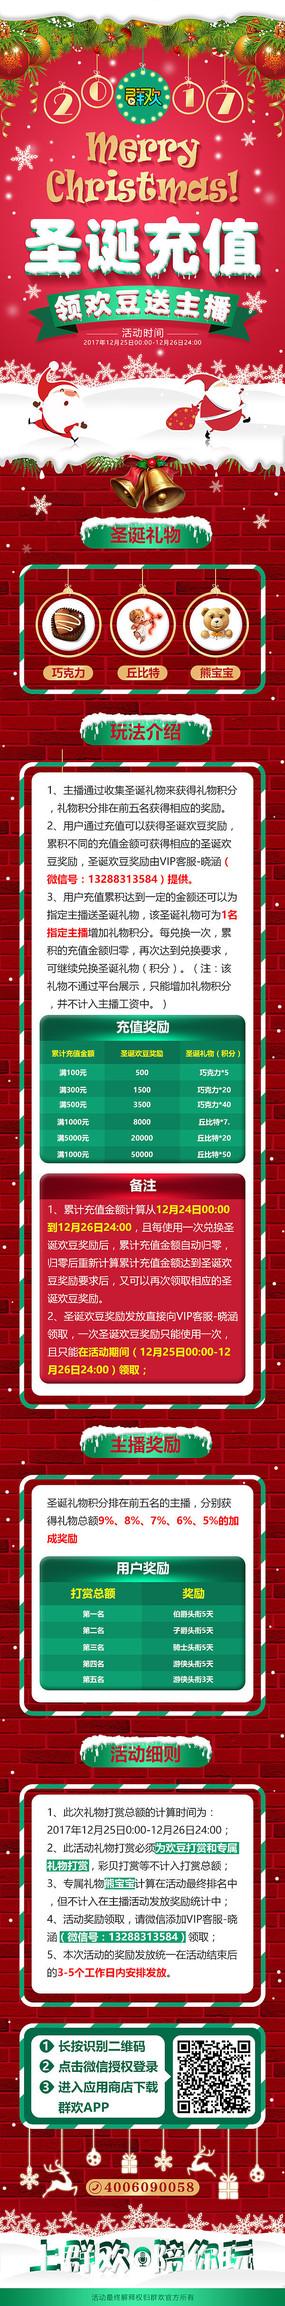 圣诞节活动推广页面模板